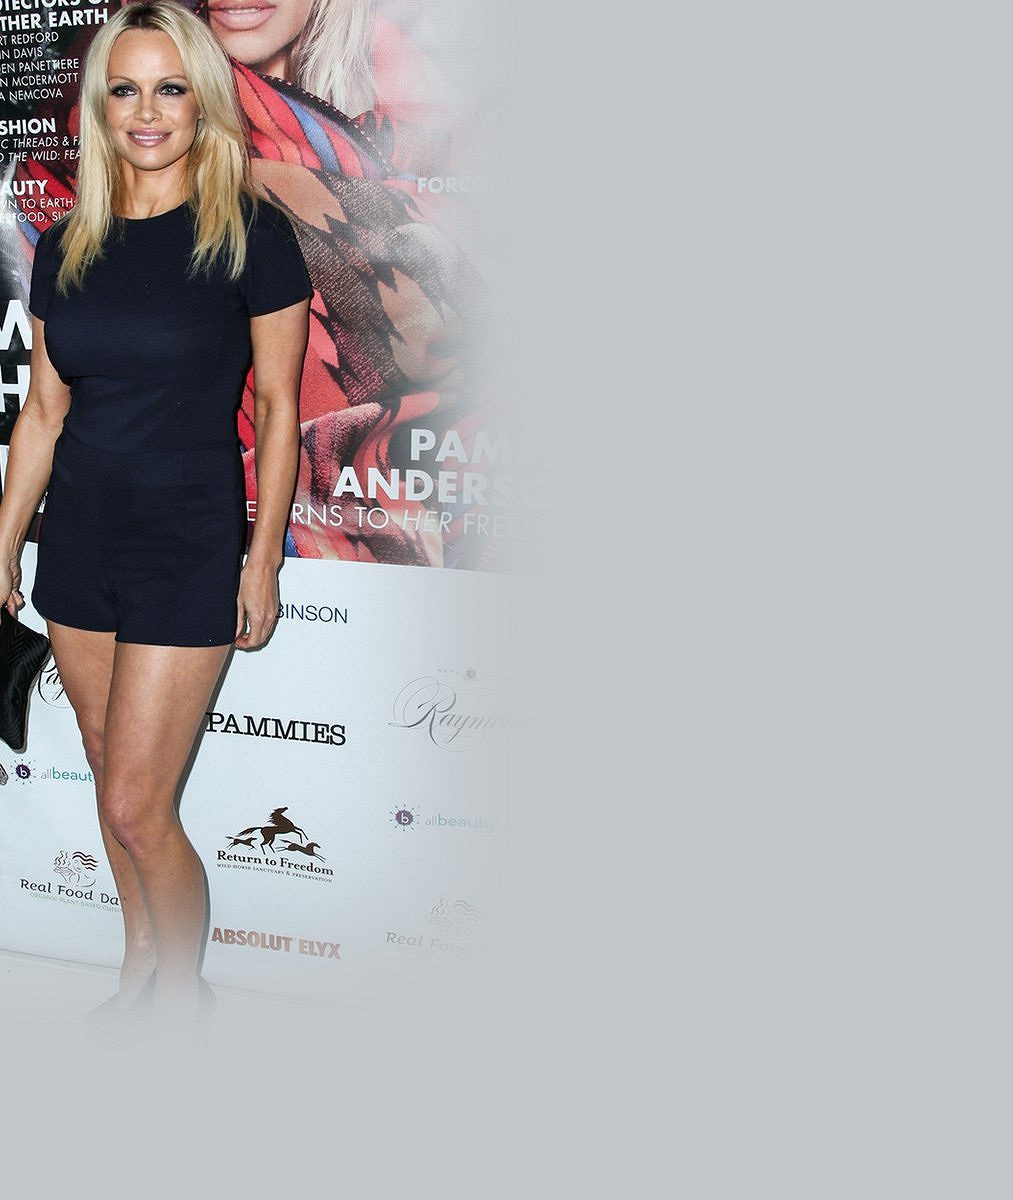 Pamela Anderson se před padesátkou svlékla: S érou nahoty se rozloučila opravdu pikantním způsobem